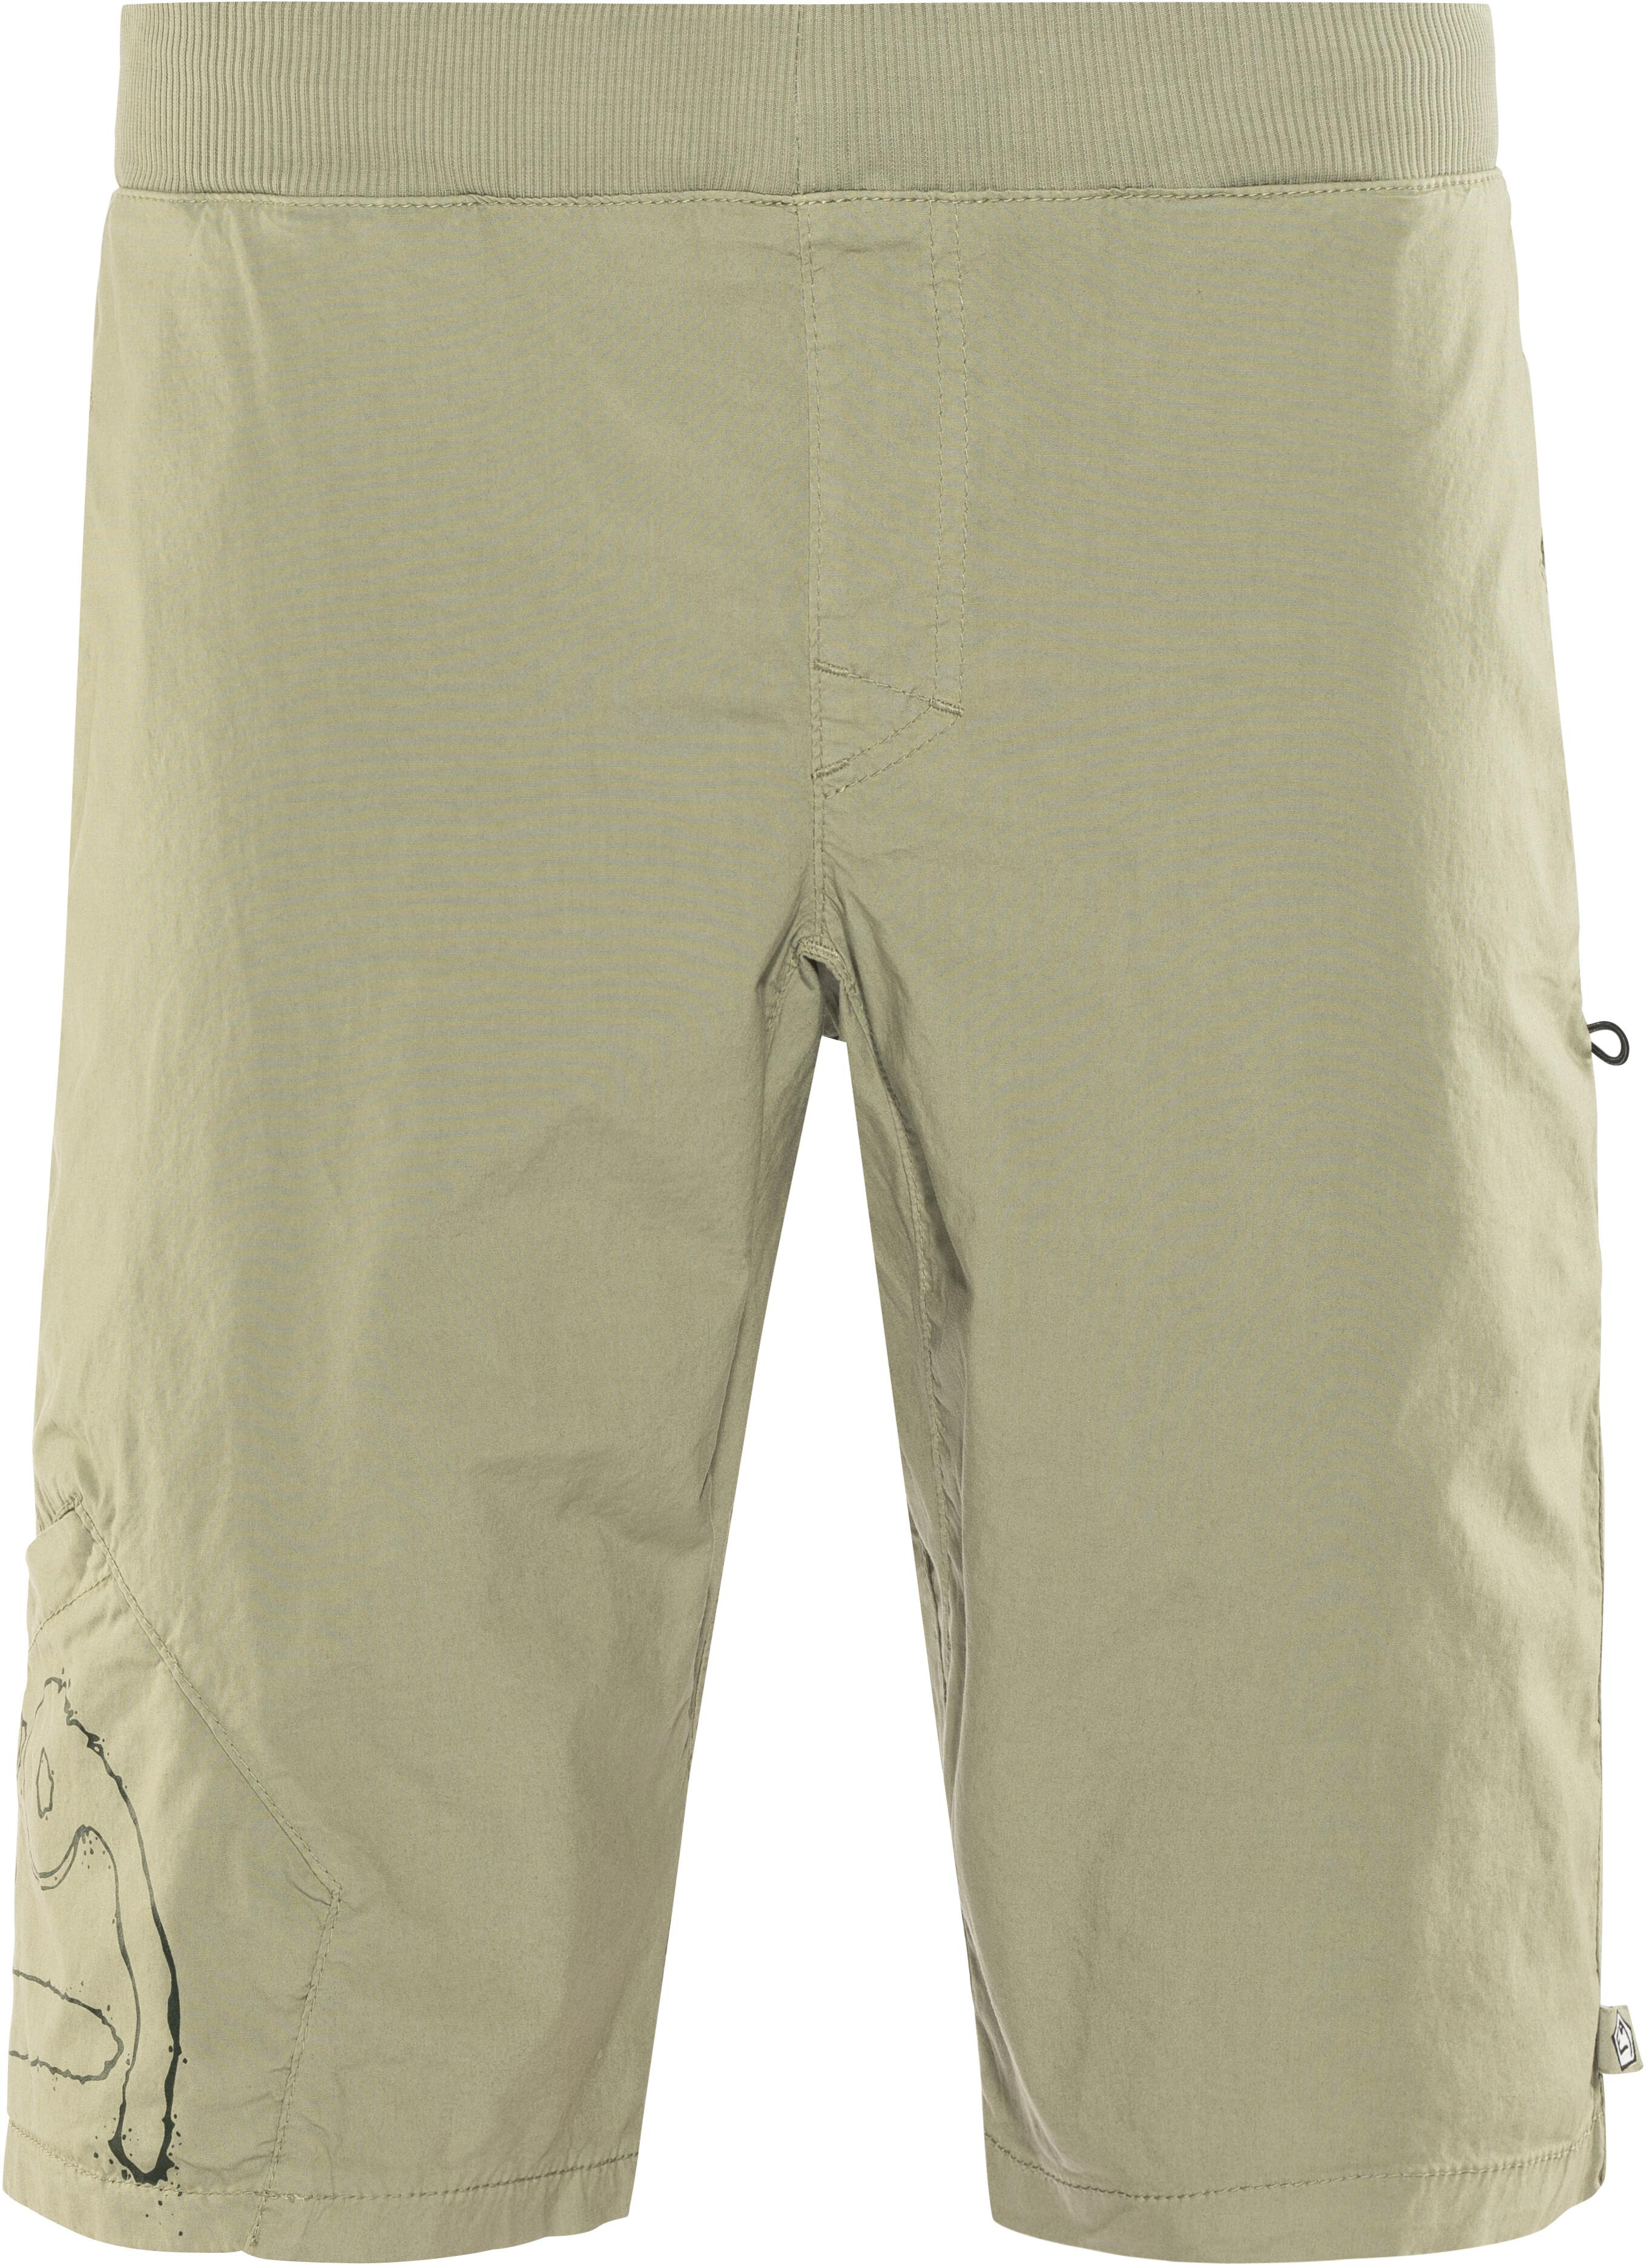 E9 Pentagon - Shorts Homme - gris sur CAMPZ ! f4c64f16c1cf